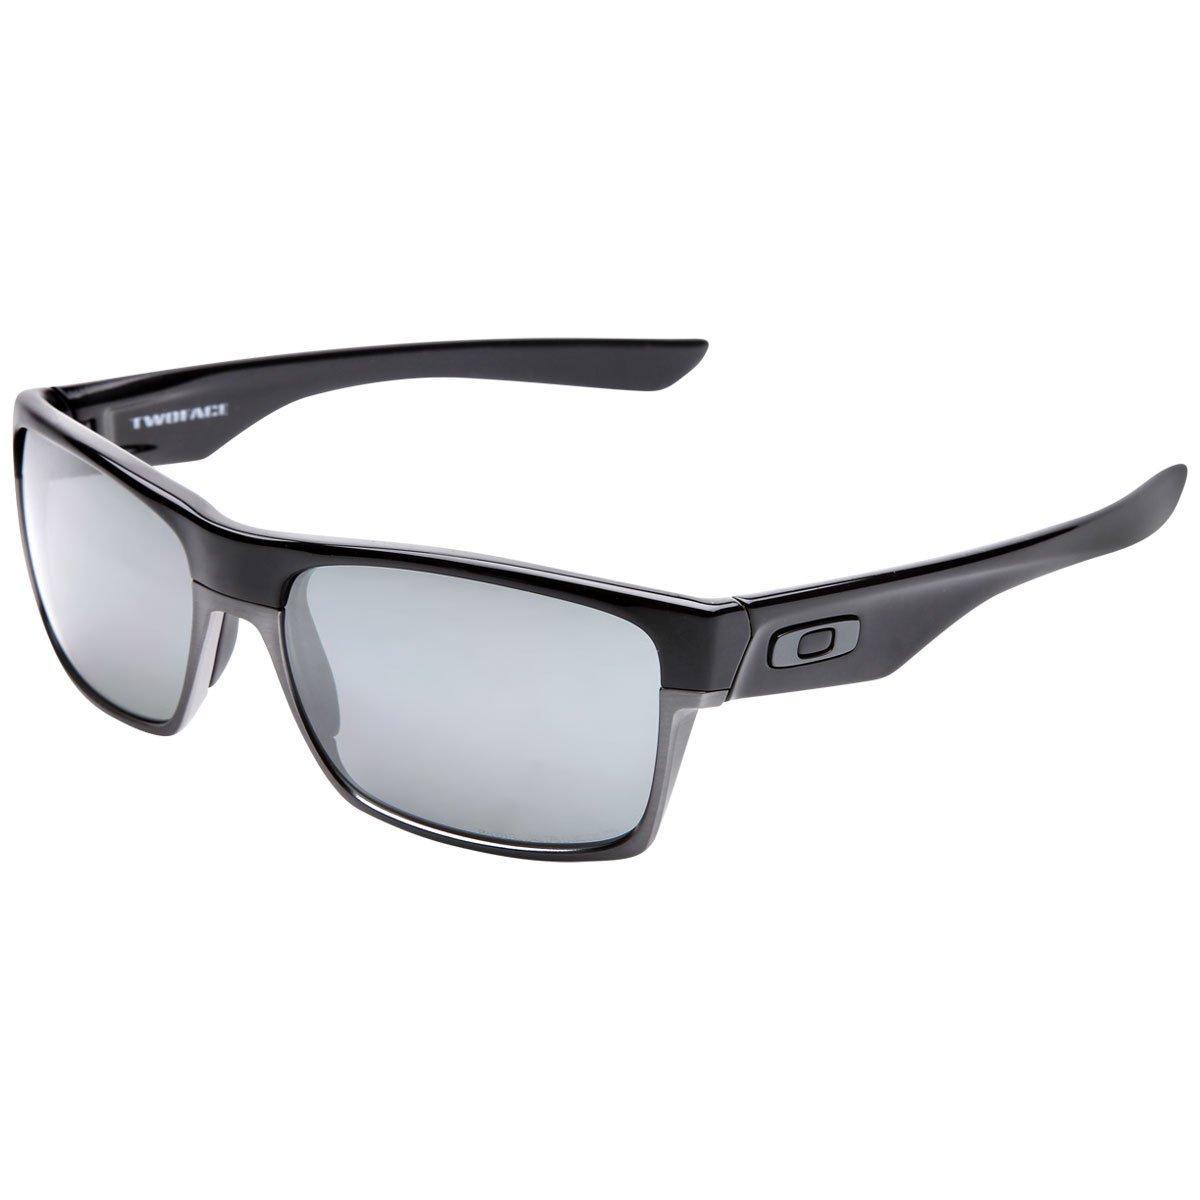 b75e5a2858f08 Óculos Oakley Twoface - Iridium Polarizado - Compre Agora